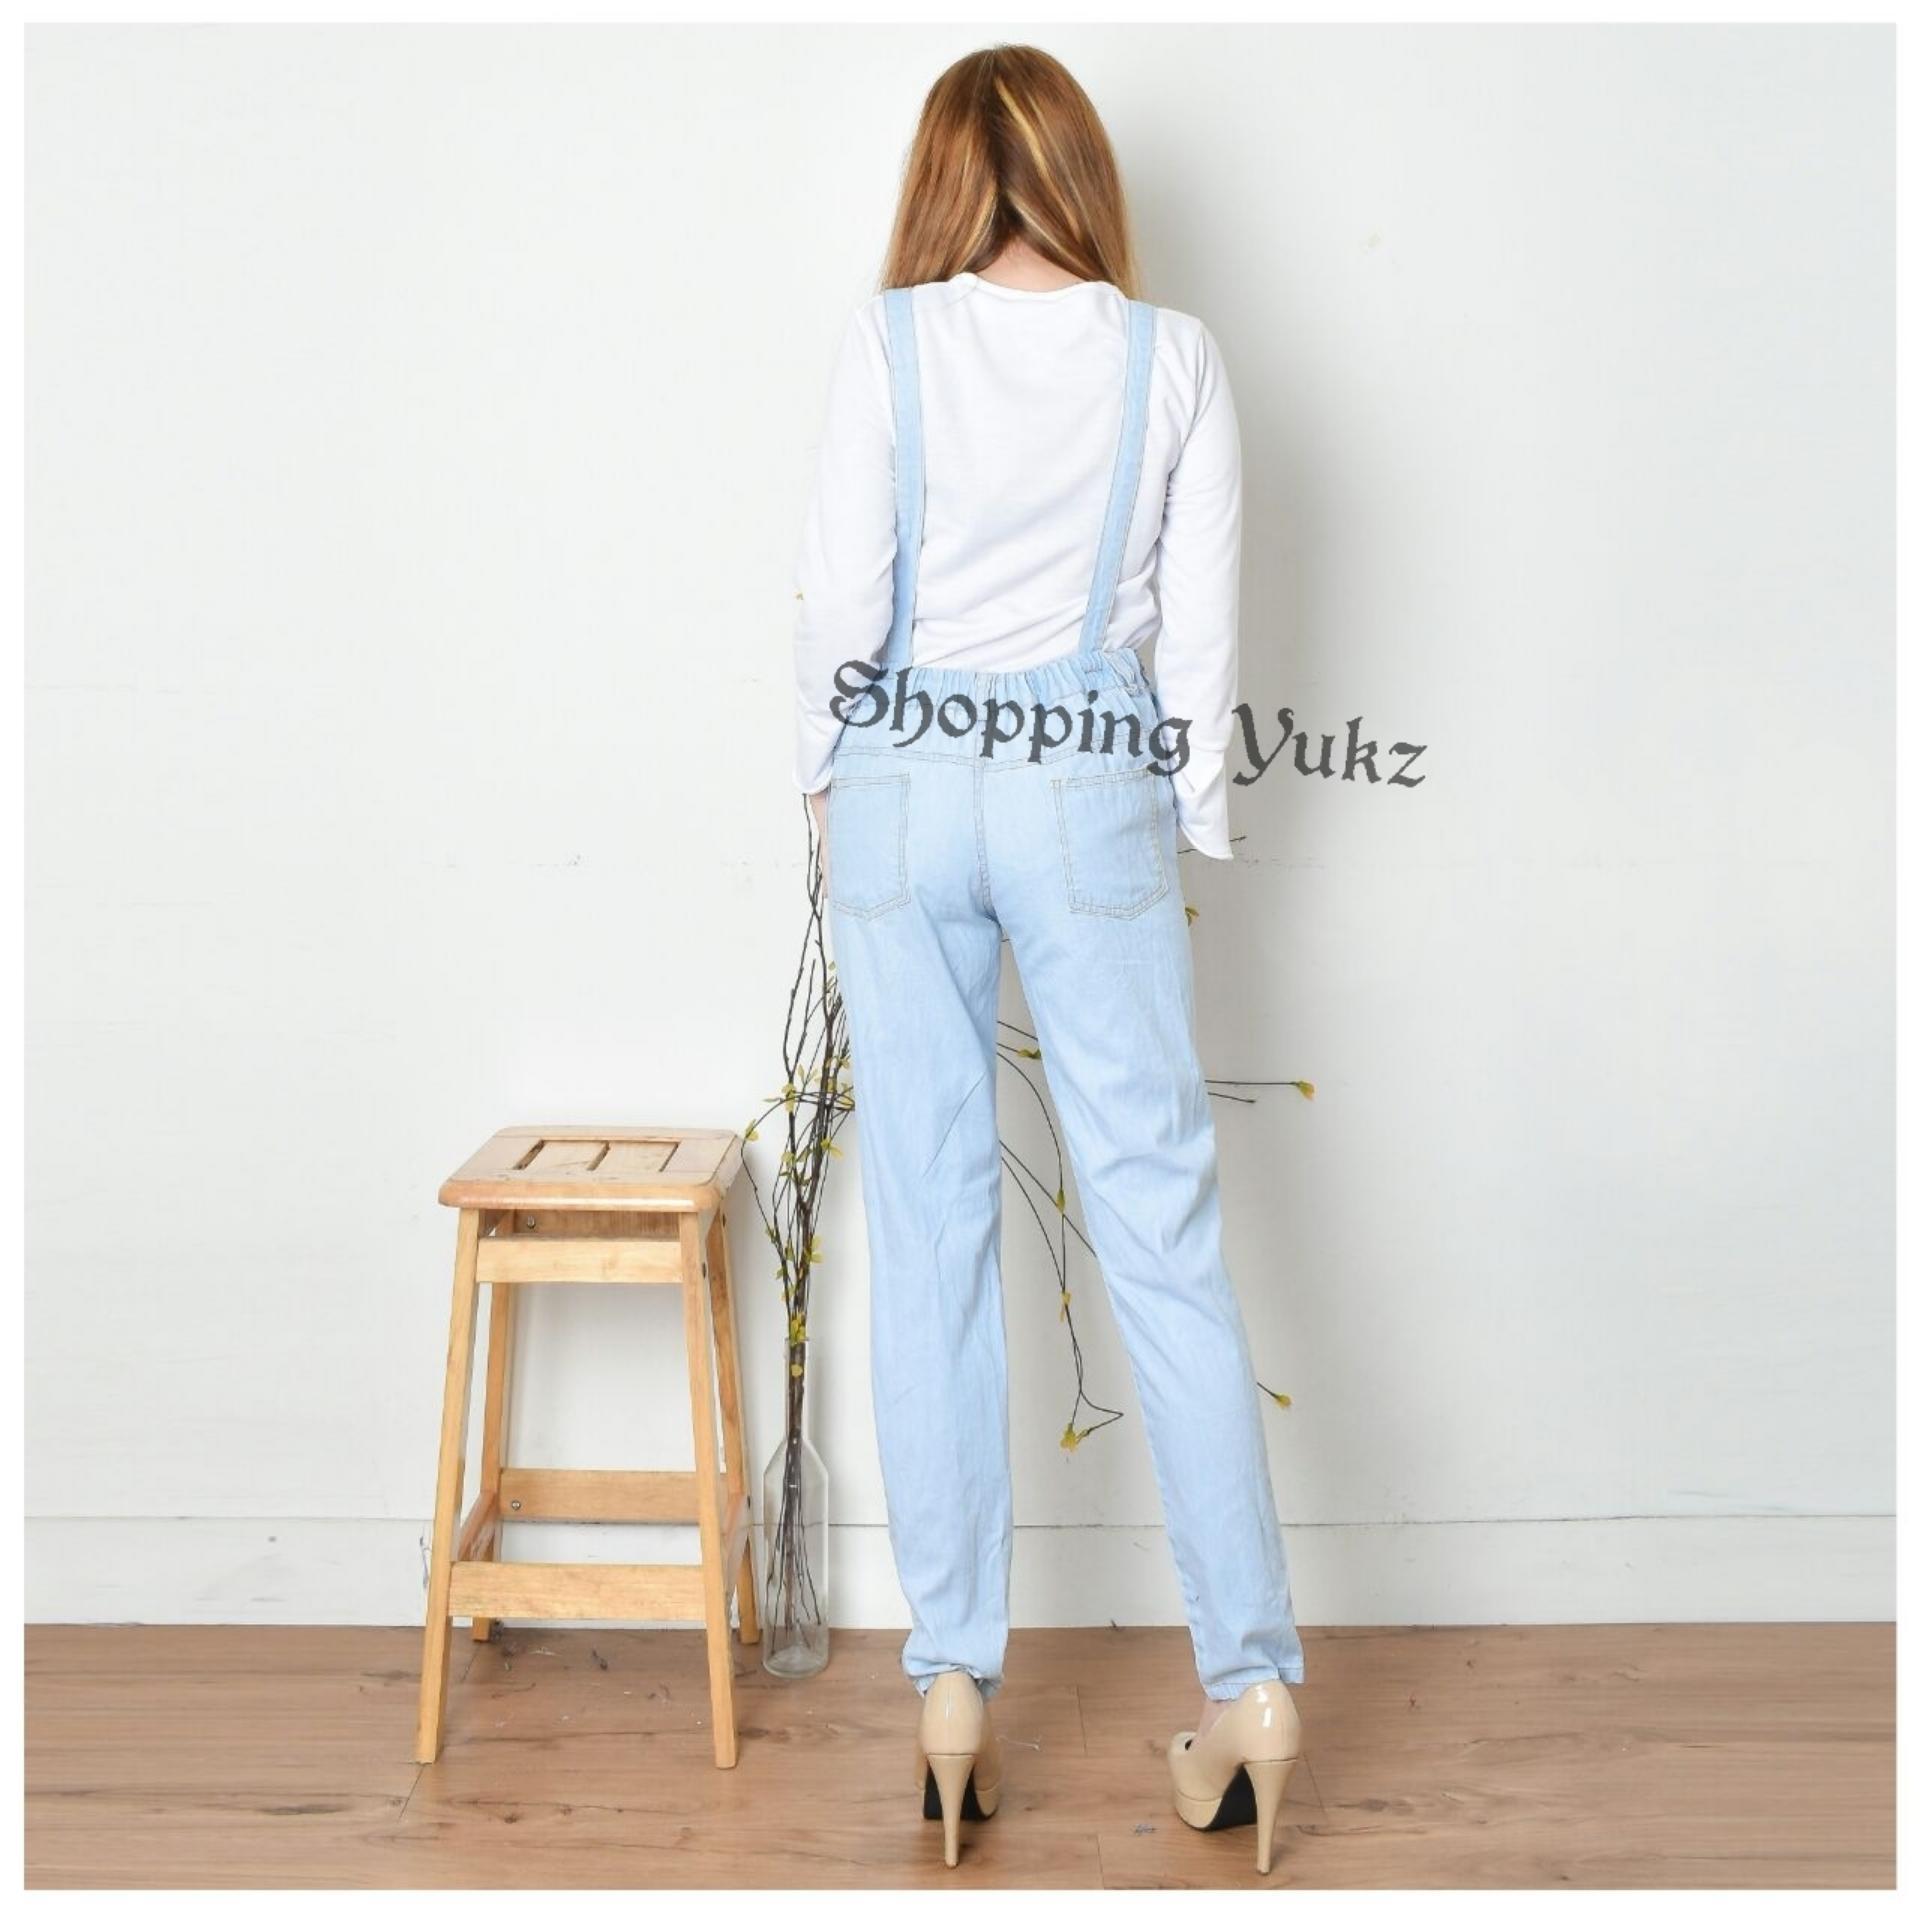 Toko Jual Shopping Yukz Overall Jumpsuit Jeans Denim Hijab Wanita Varka V130 Sepatu Sneaker Casual Pria Gambar Detail Barang Emna Tanpa Inner Jilbab Baju Kodok Muslim Ripped